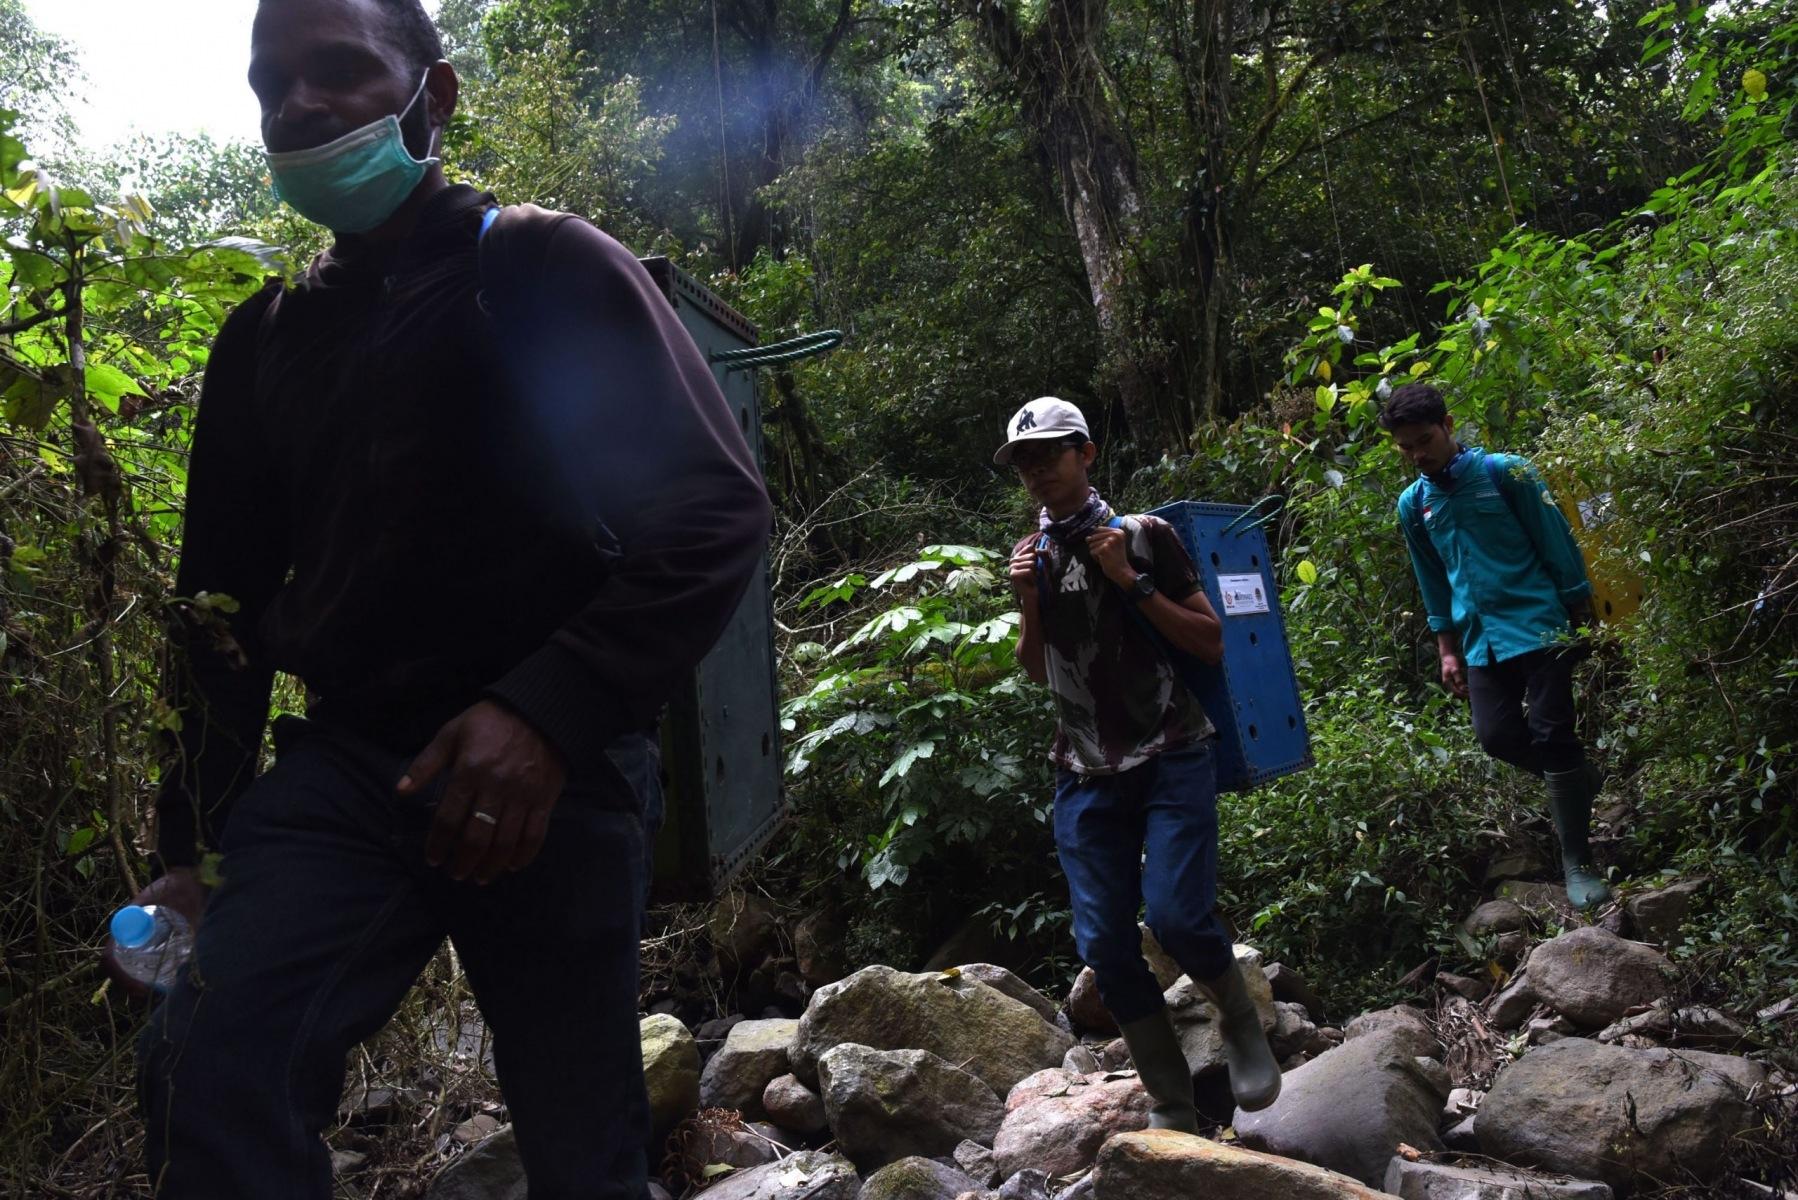 Sejumlah relawan membawa box atau kandang pemindahan berisi satwa Lutung Jawa yang akan dilepasliarkan di kawasan Tahura R. Soerjo, Batu, Jawa Timur 31 Agustus 2019.